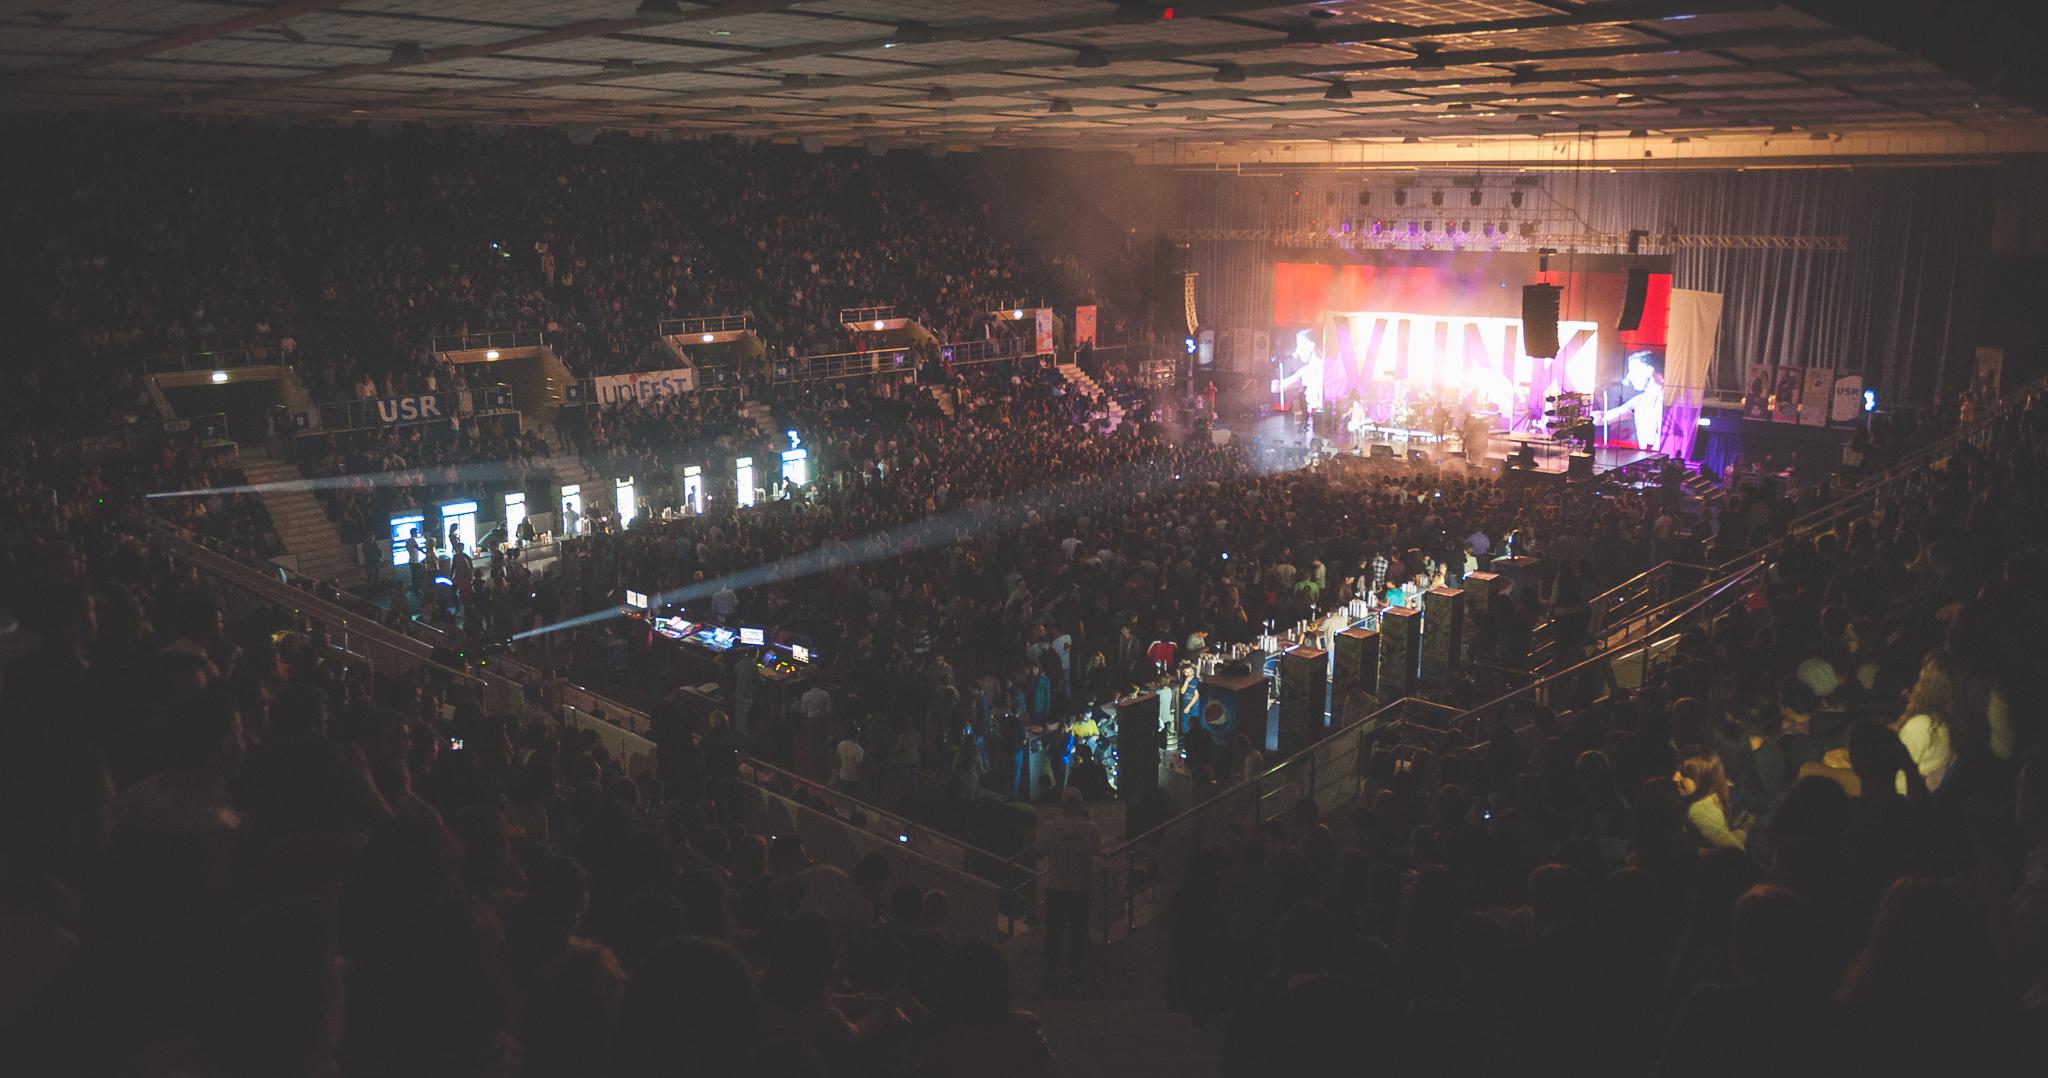 concert-vunk-unifest-low-res-34